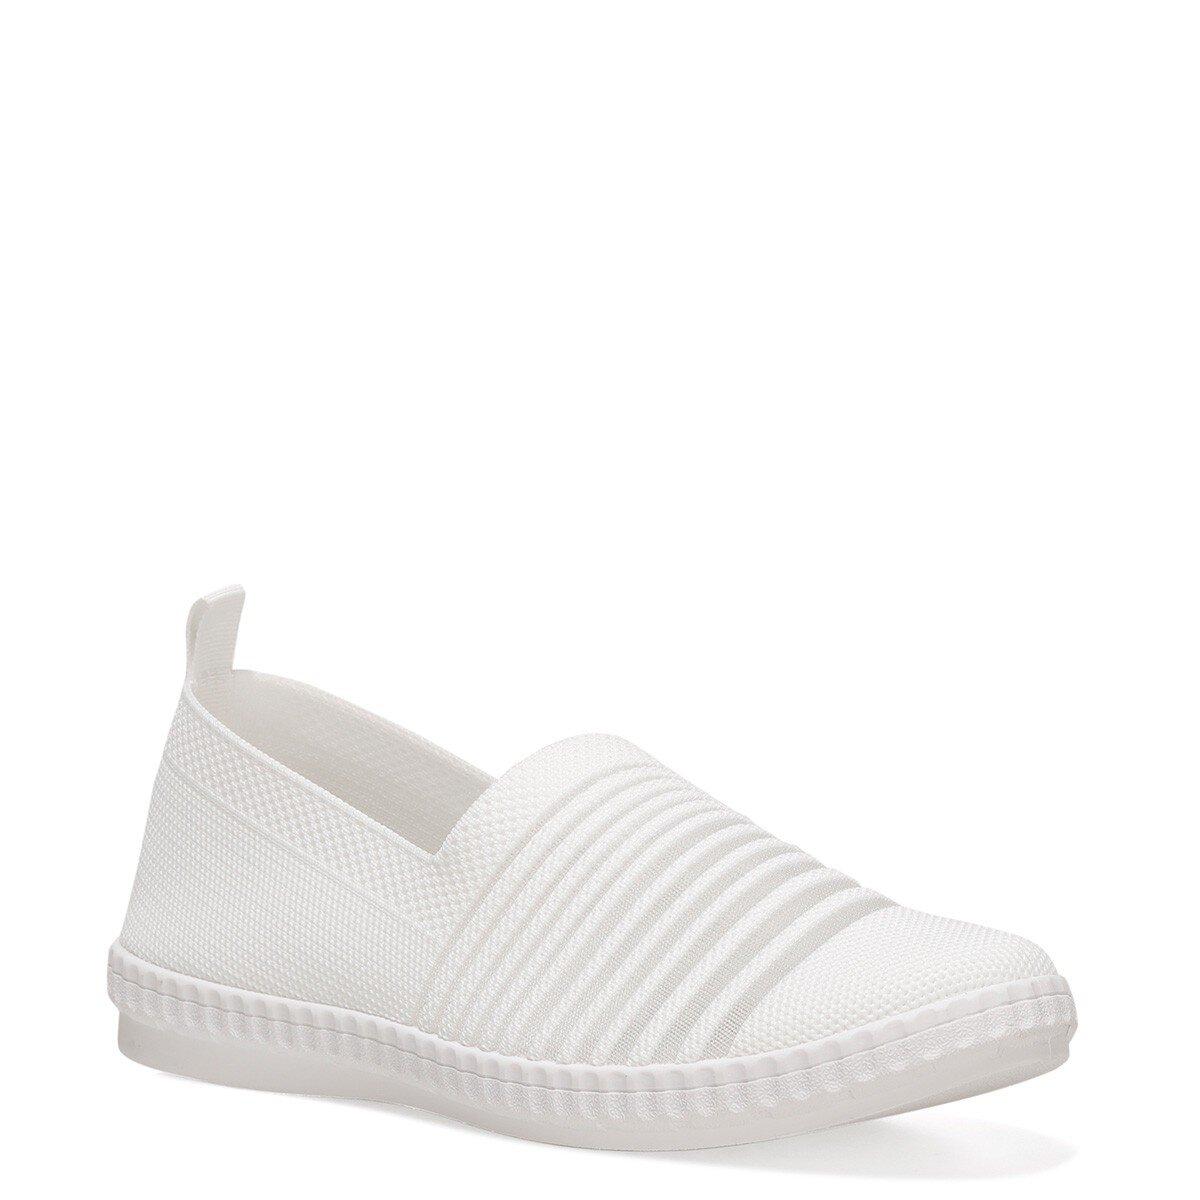 SHANA 1FX Beyaz Kadın Slip On Ayakkabı